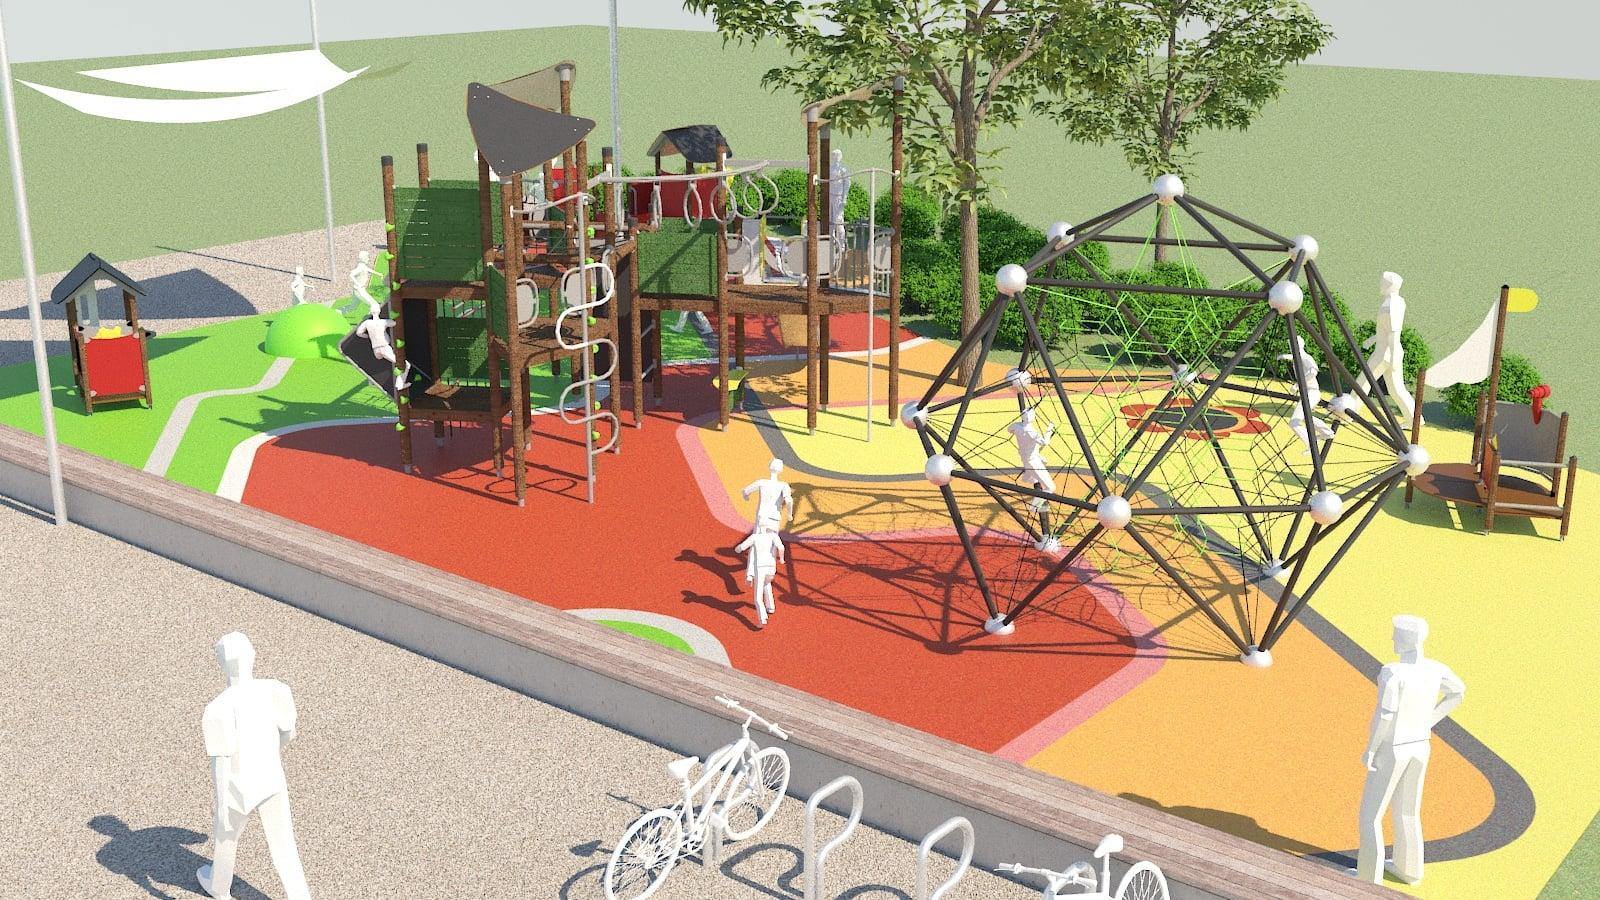 Uskoro započinje uređenje dječjeg igrališta u Sisku: U projekt se uključio i jedan lanac trgovina velikom donacijom